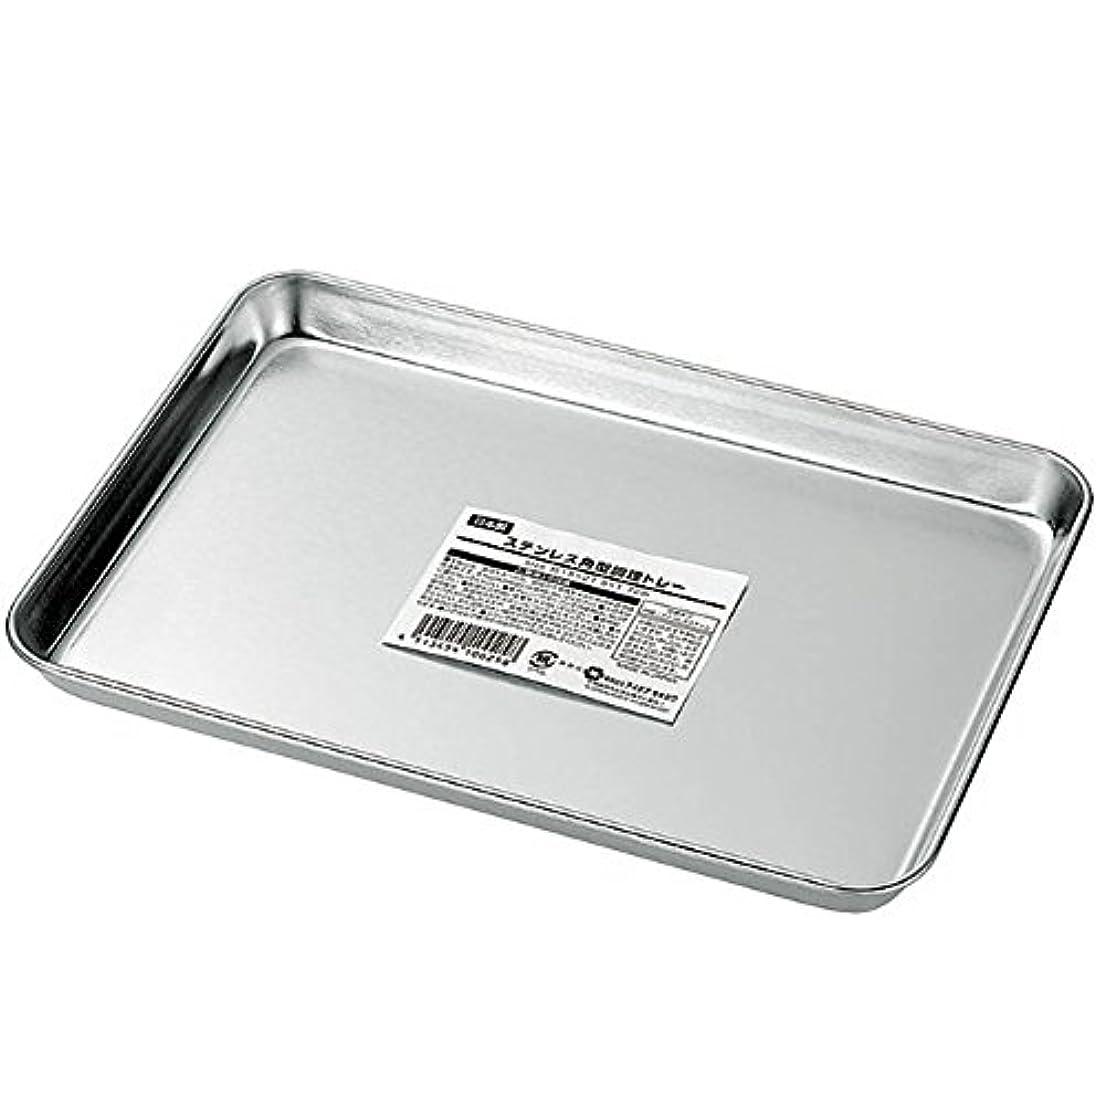 マイクロプロセッサスペースパンチエコー金属 ステンレス角型調理トレー 0321-099